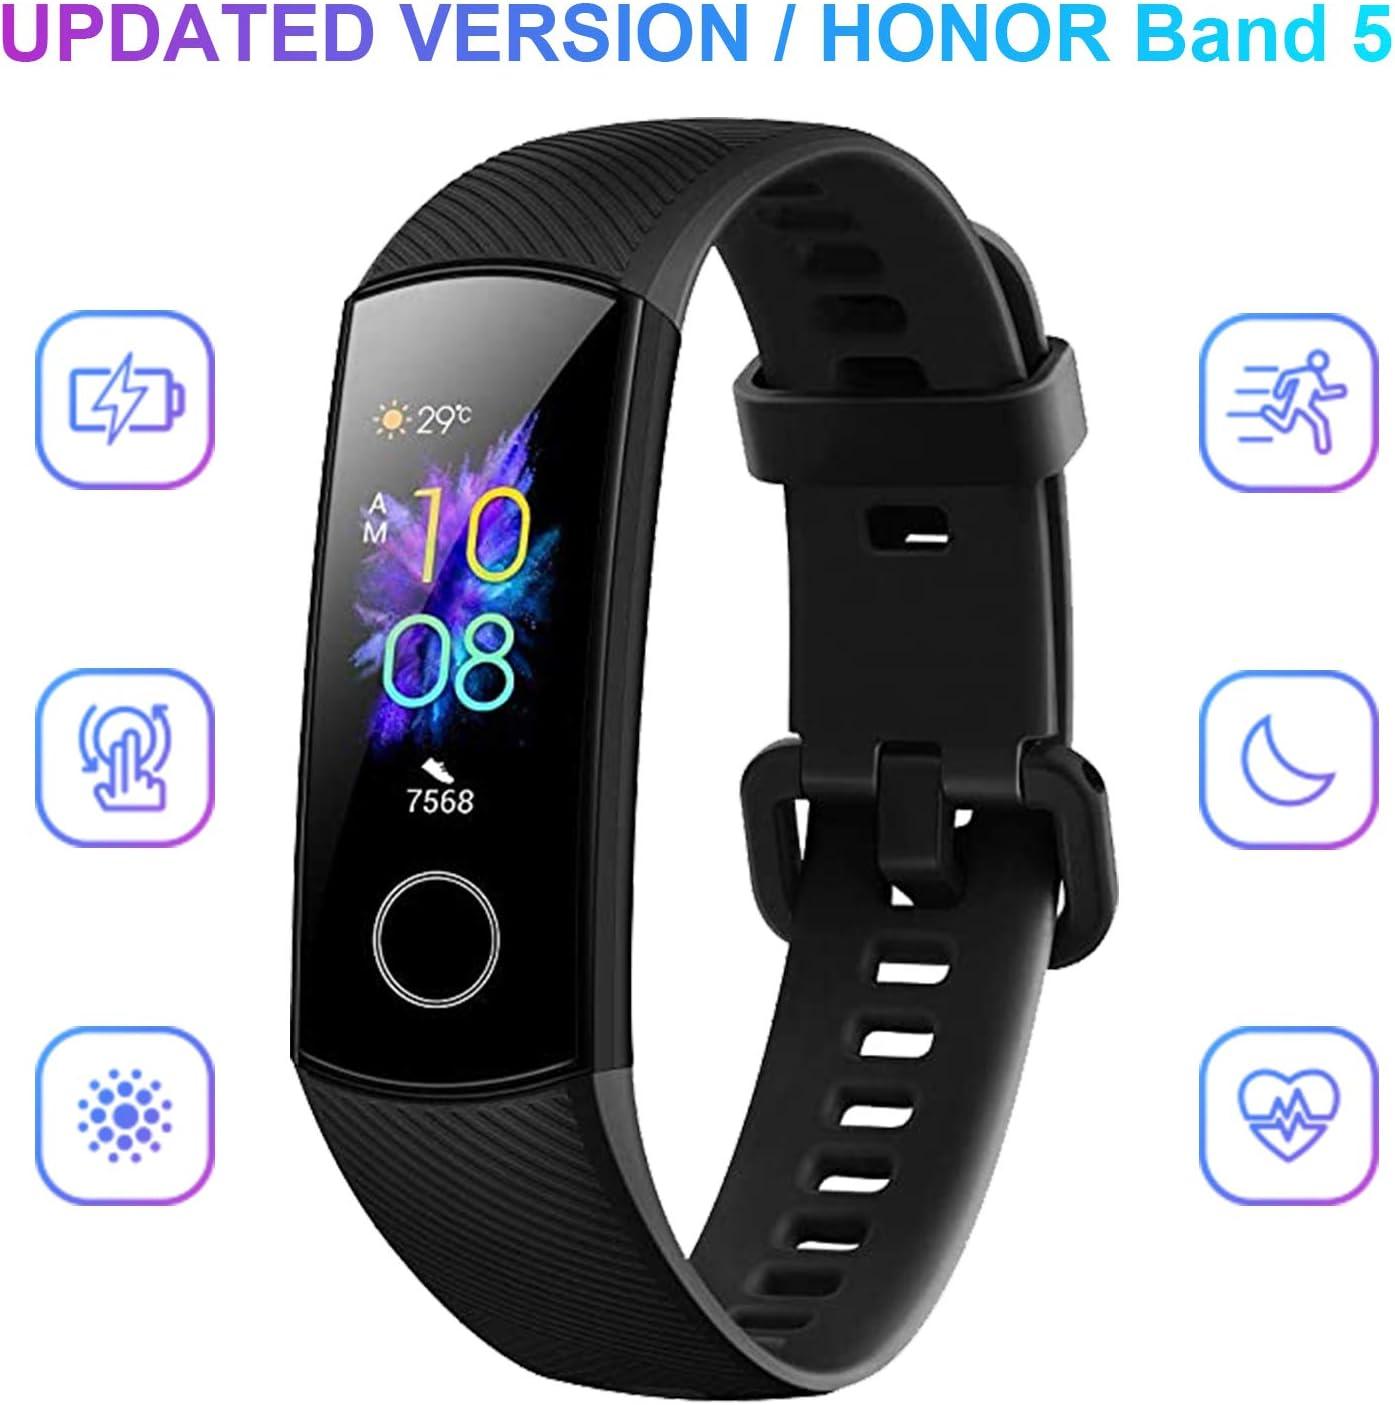 HONOR Band 5 Smartwatch, Pulsera Actividad Inteligente Impermeable IP68 con Pulsómetro, Monitor de Actividad Deportiva, Fitness Tracker con Podómetro, Negro